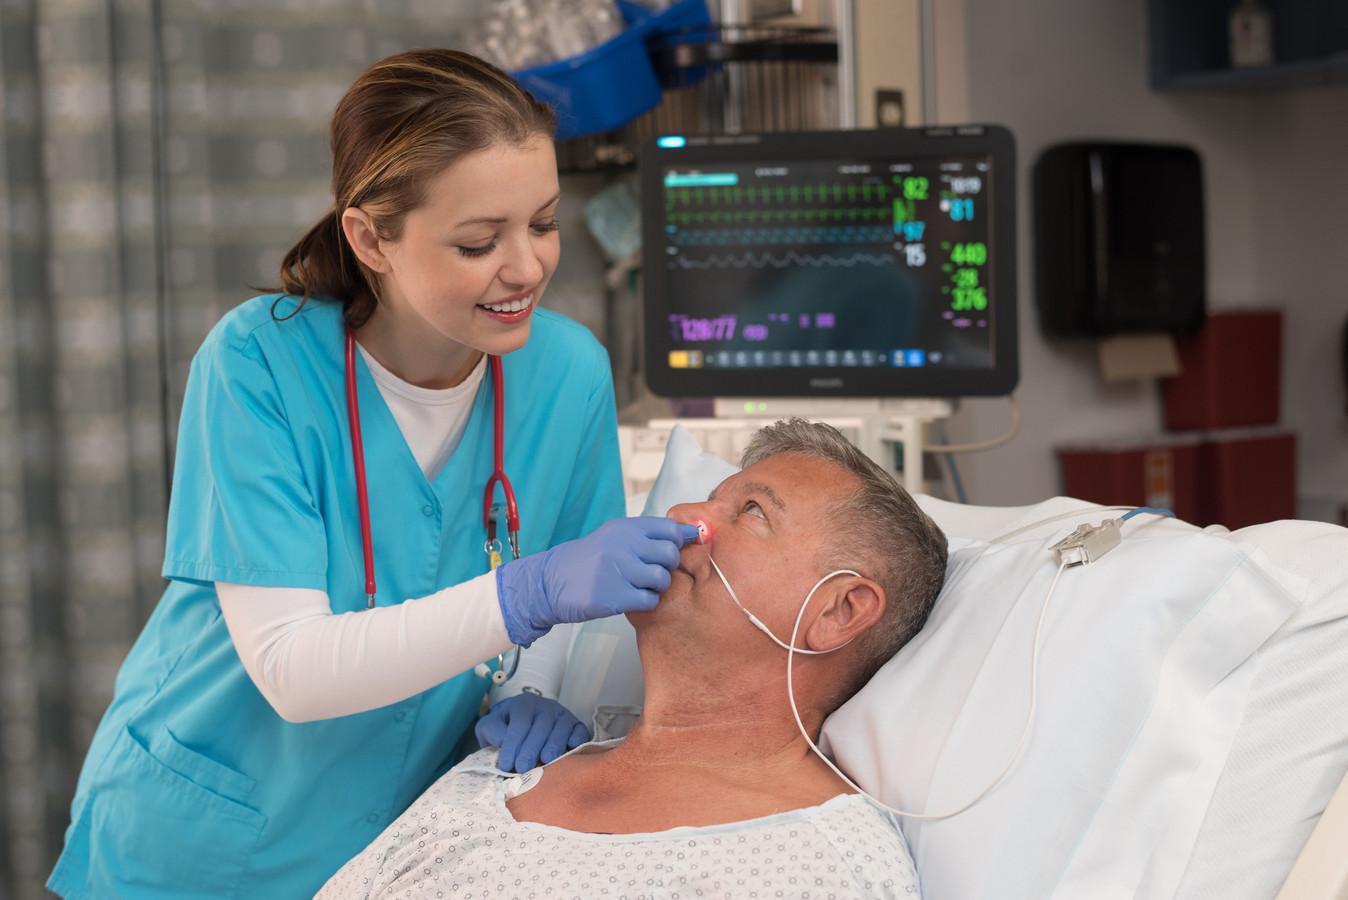 Xhale Assurance ontwikkelde een sensor die via de neusvleugel hartslag en zuurstofgehalte van het bloed van een patiënt kan meten.